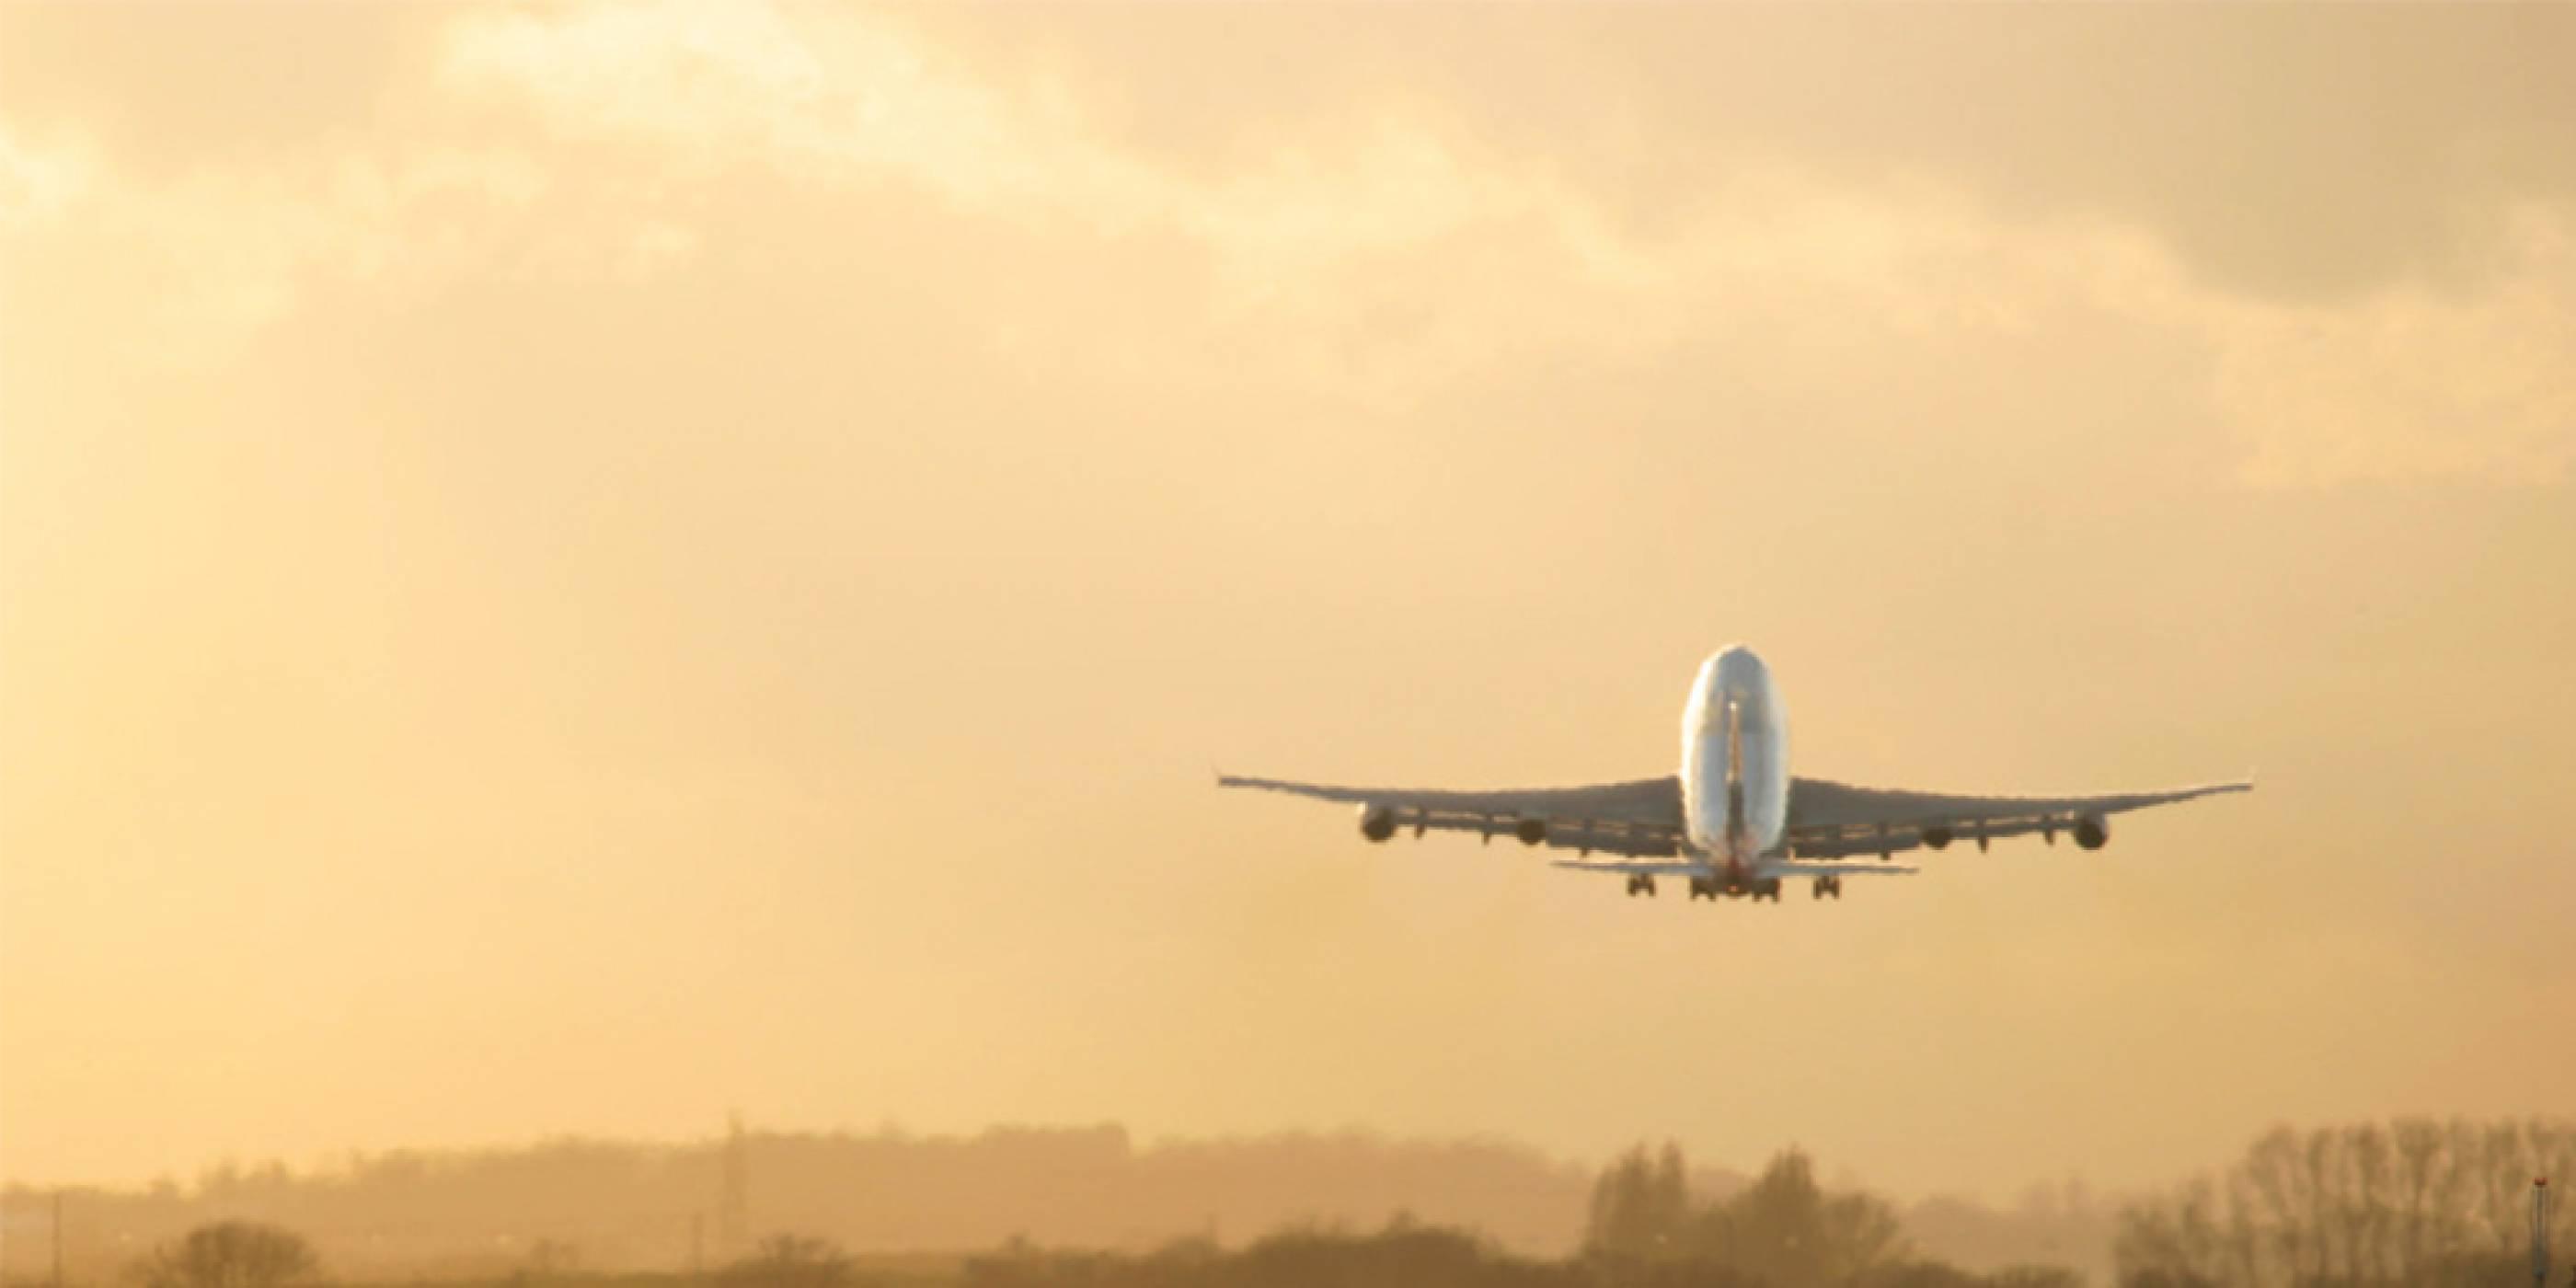 Климатичните промени ще окажат негативно въздействие върху пътуването със самолет